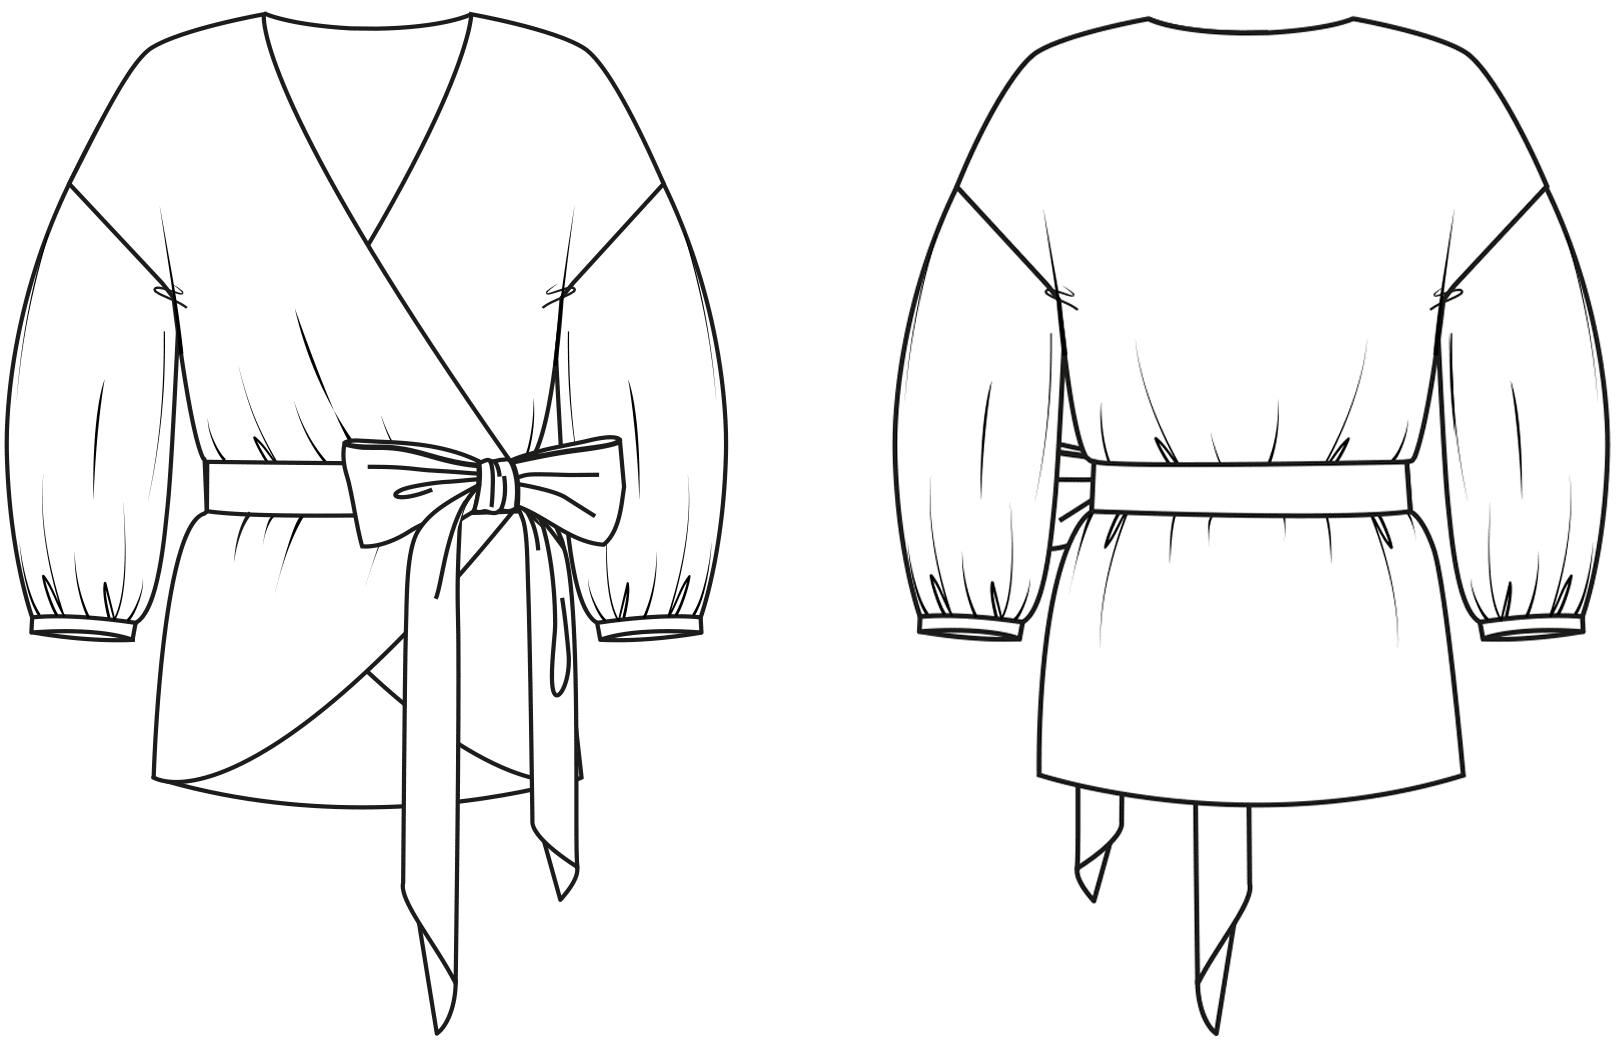 Abgebildet ist die technische Zeichnung einer Bluse. Sie dient als Vorlage für die schnitttechnisce Umsetzung.